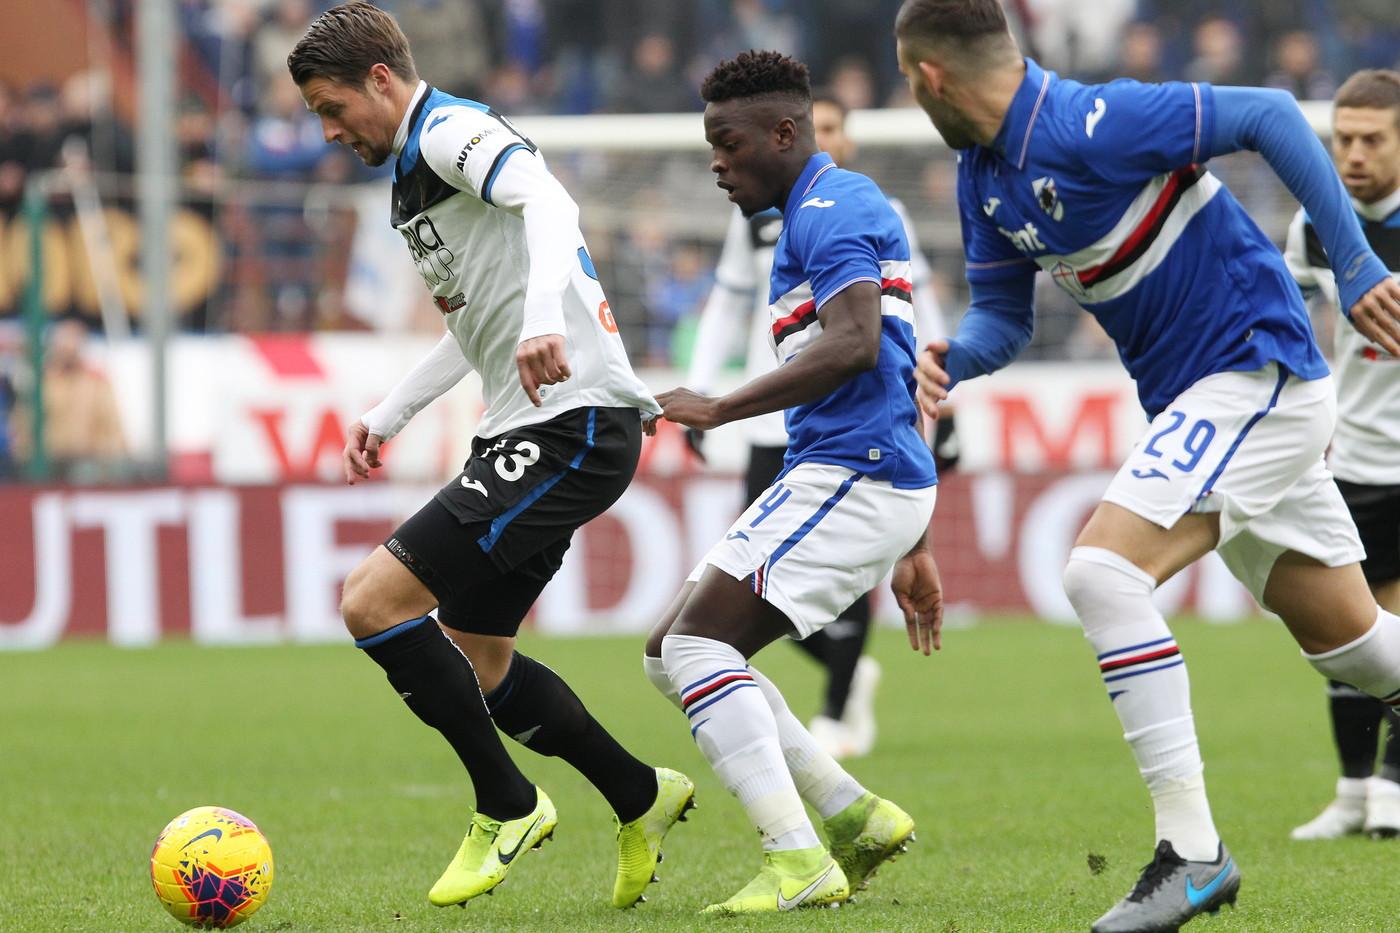 Terza gara senza sconfitte per la Sampdoria, che dall'arrivo di Ranieri sta risalendo la classifica e con il punto conquistato oggi raggiunge i cu...